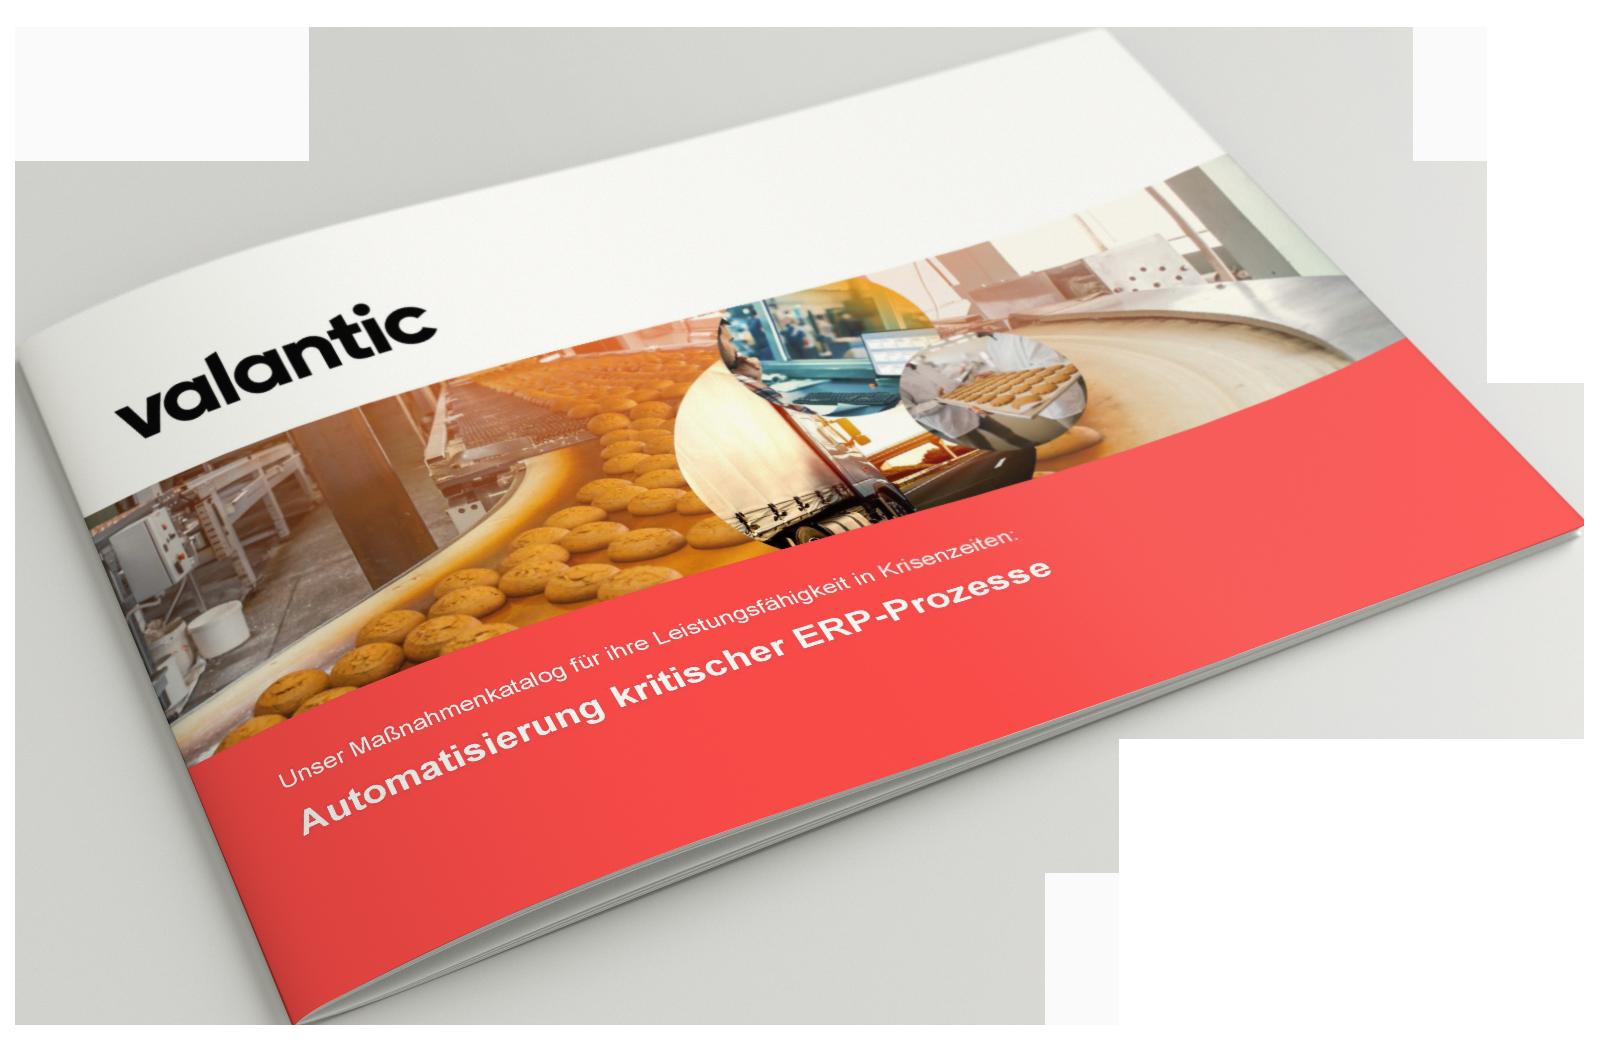 Bild einer Zeitschrift, valantic Maßnahmenpaket zur Entwicklung von Robotic Process Automation Prozessen in SAP ERP-Systemen